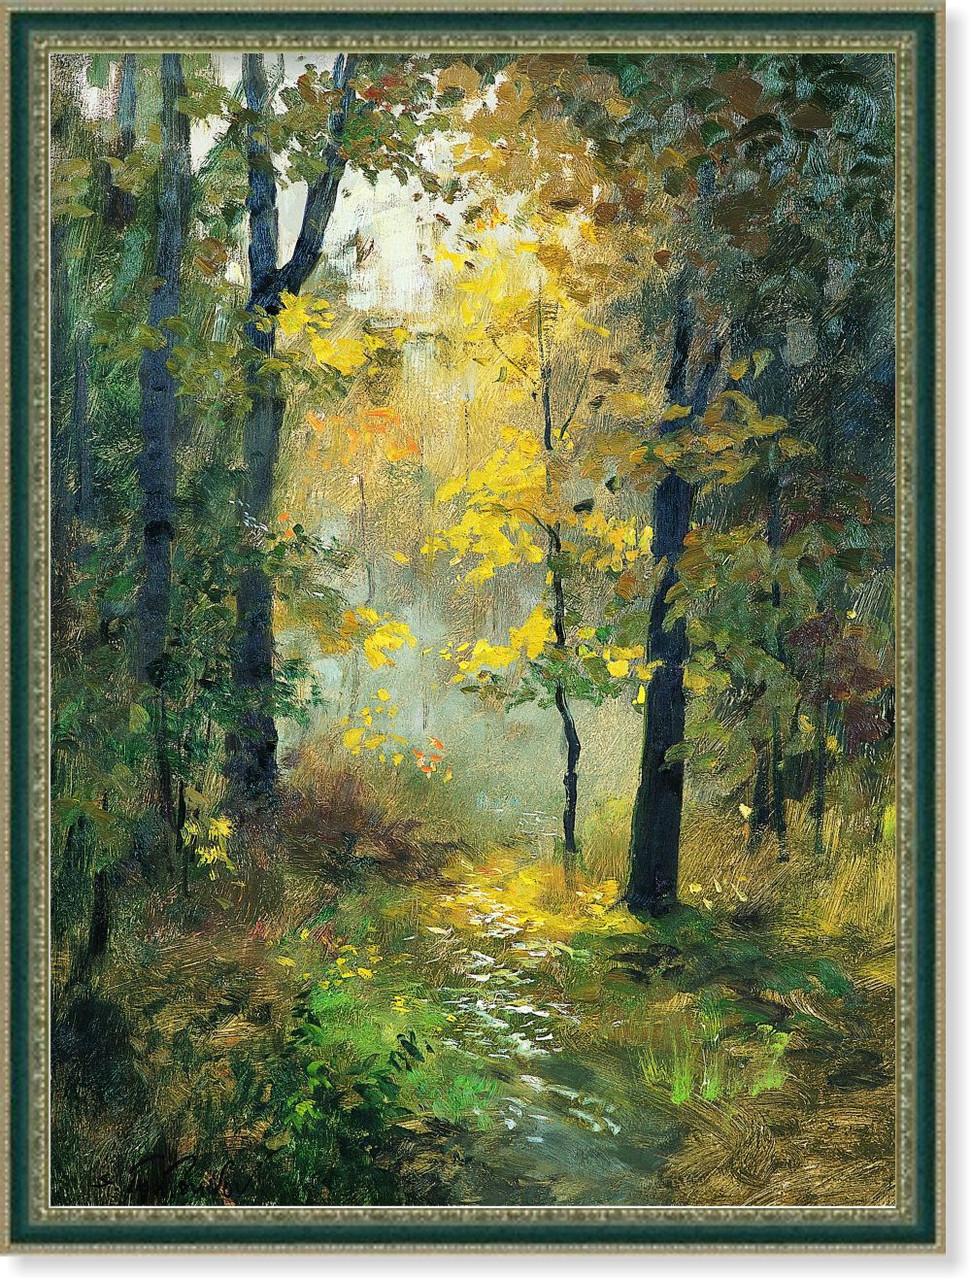 Репродукция картины современных художников «На опушке леса» 60 х 80 см